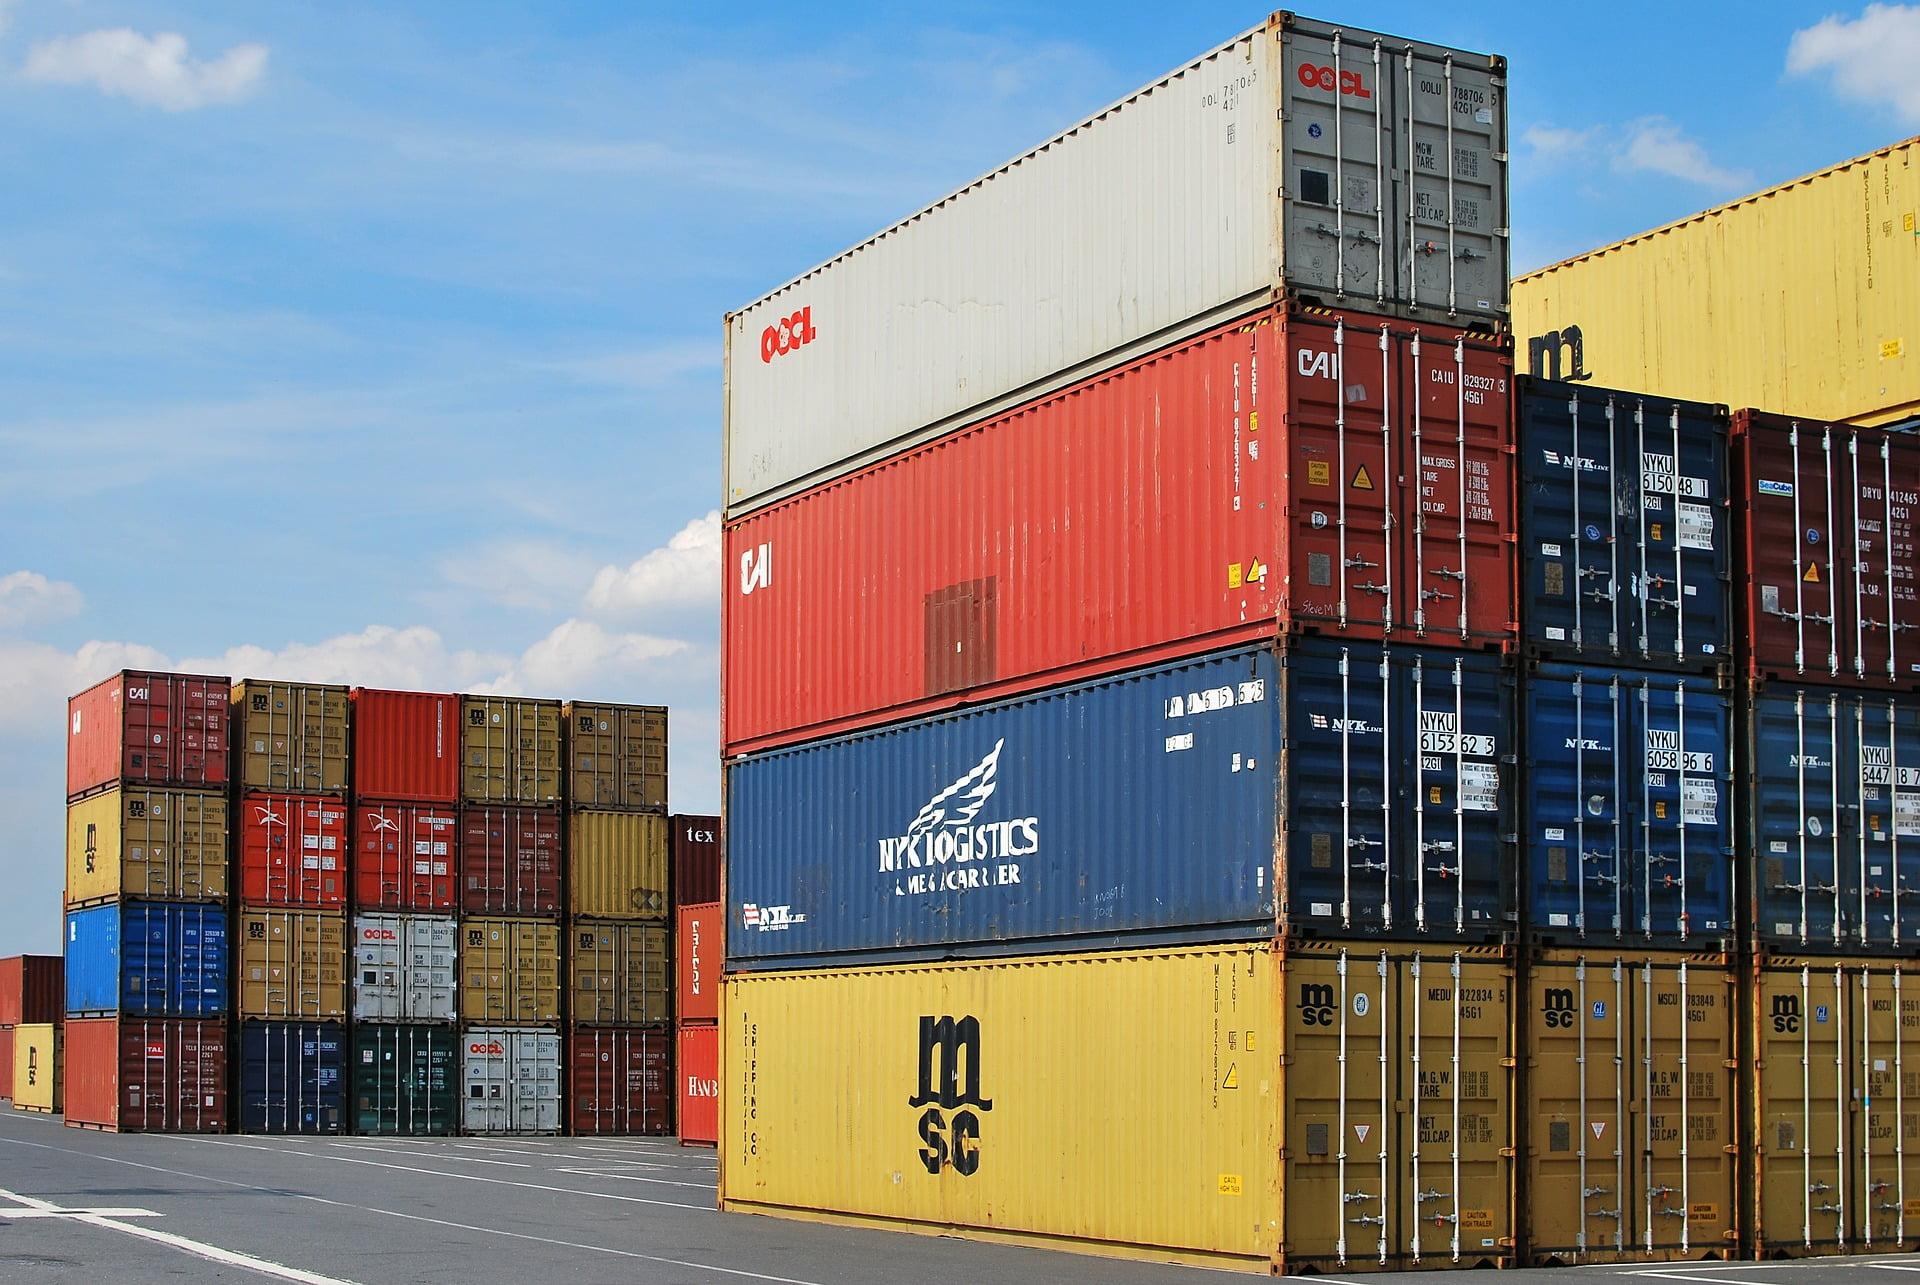 Pandemia wymusiła zmiany naprzedsiębiorcach. Światowy handel będzie się regionalizował